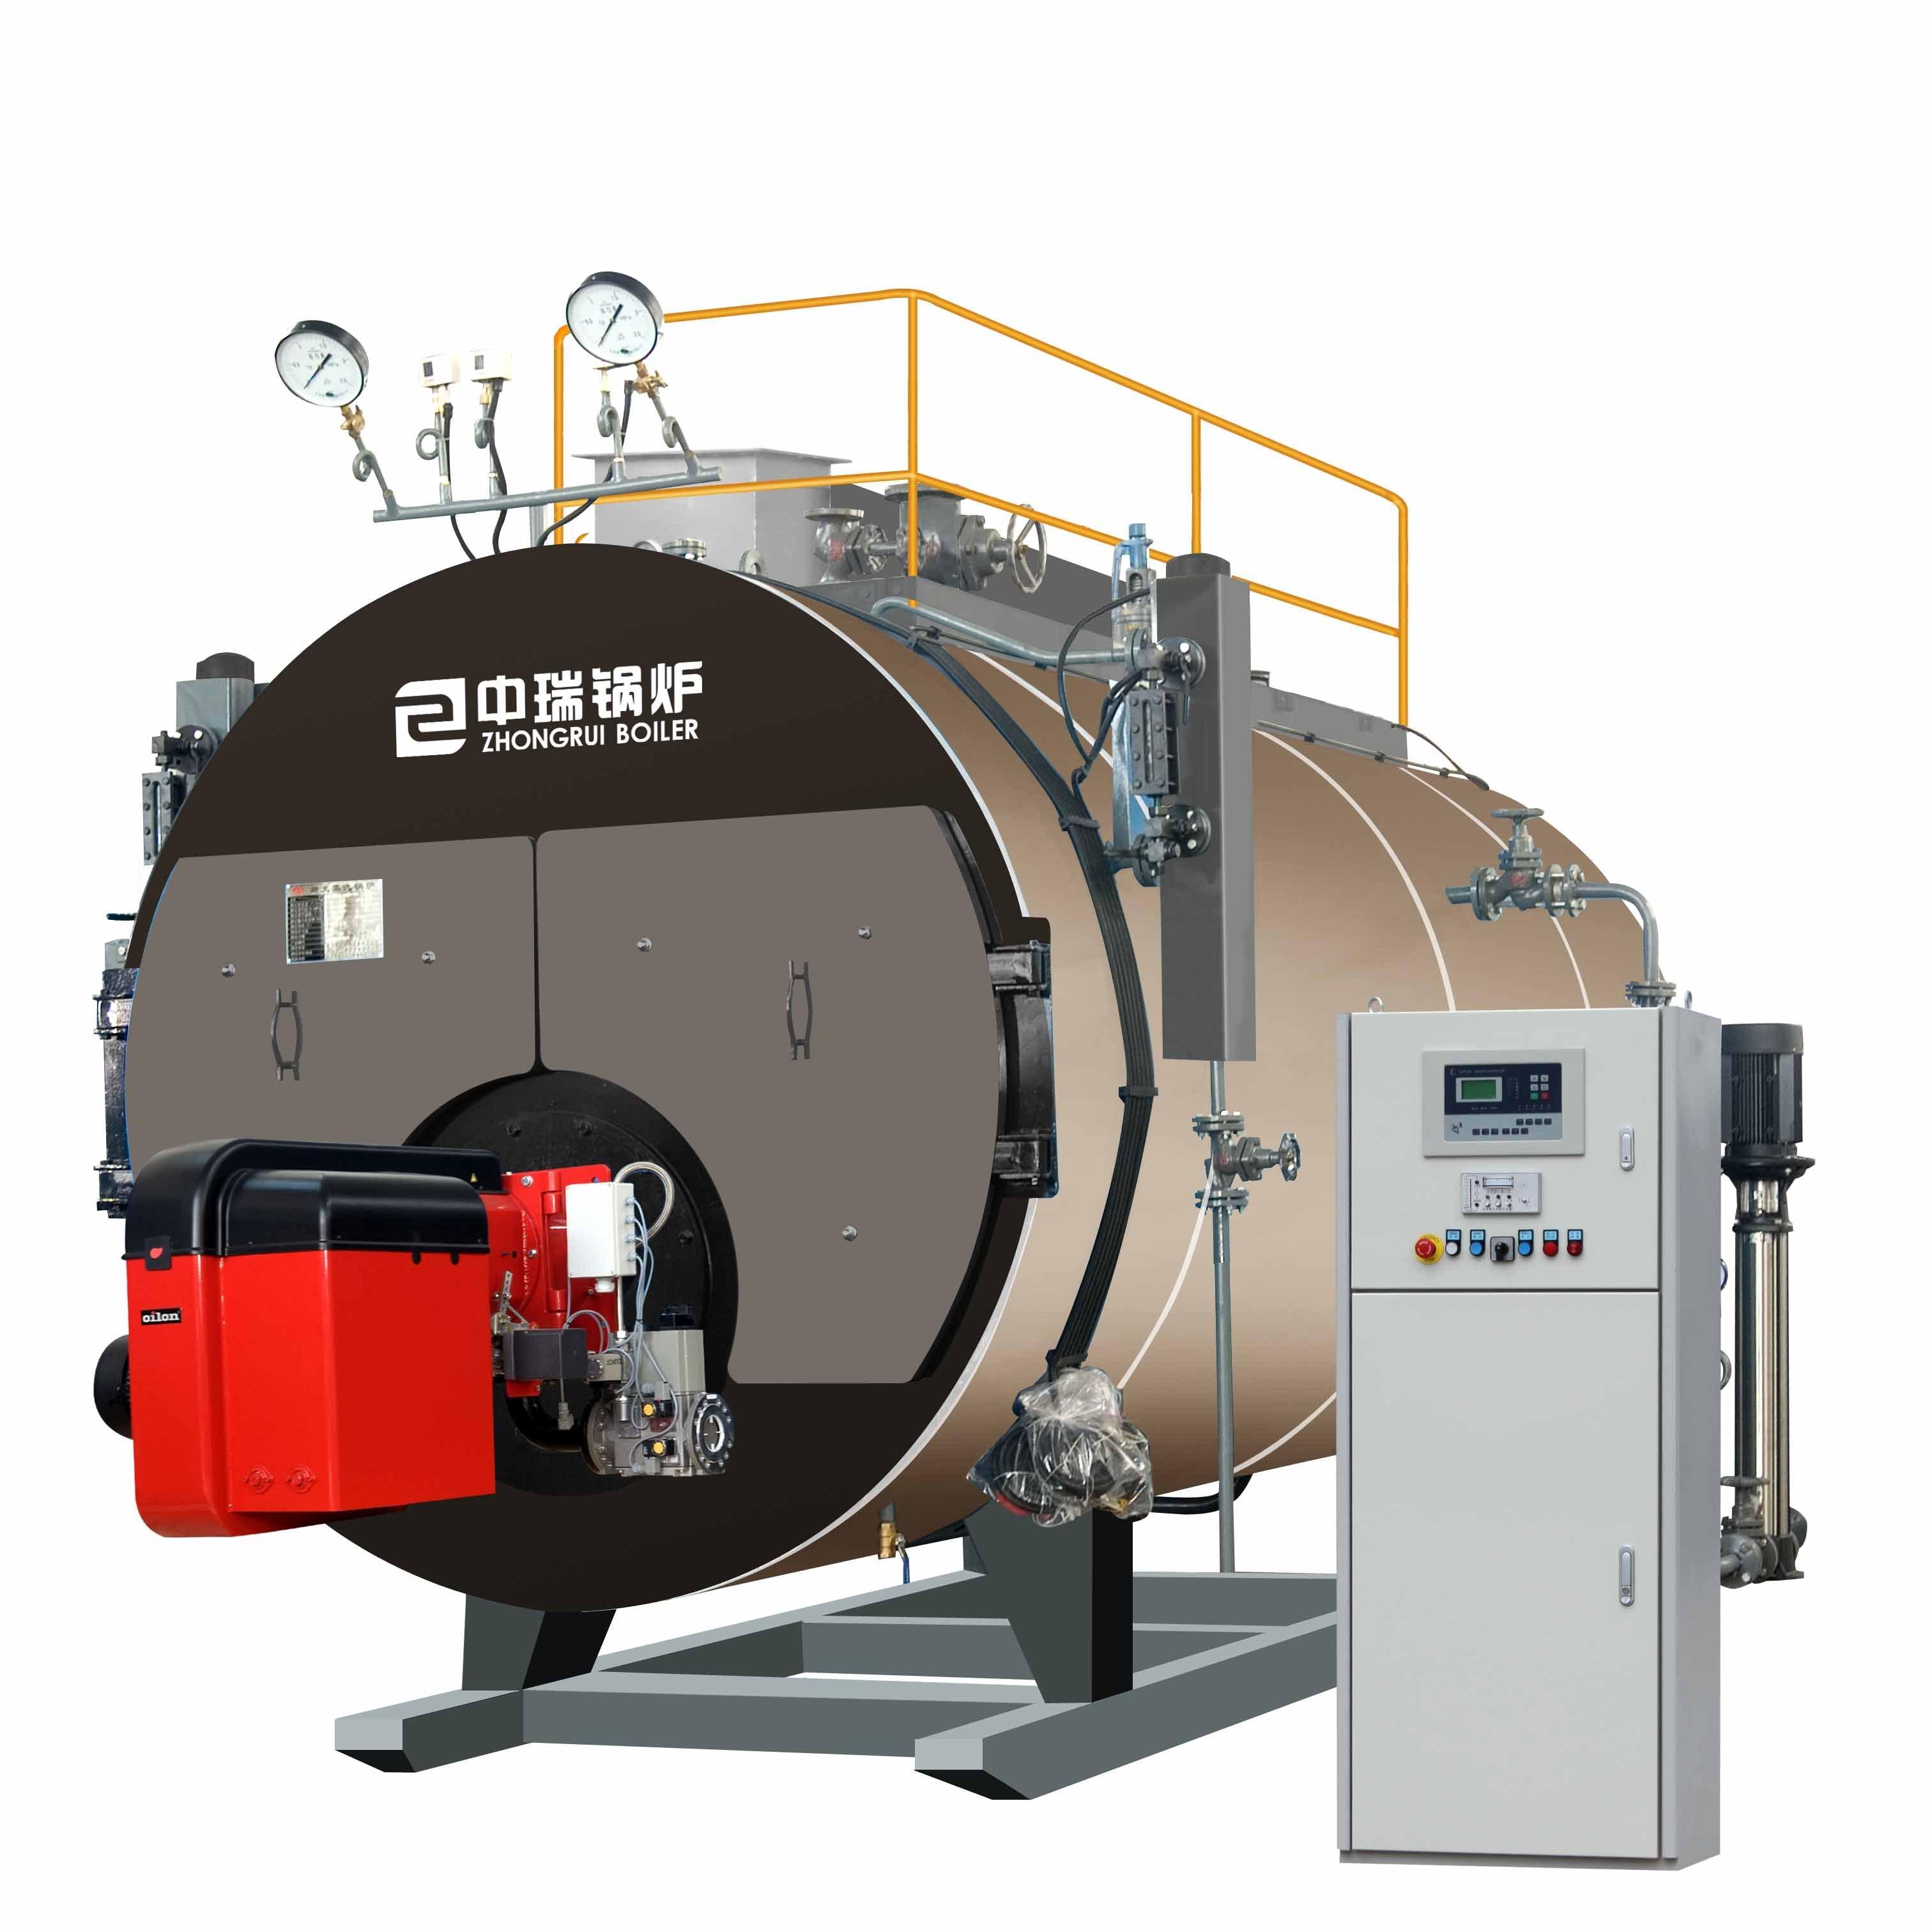 工业锅炉设备_冷凝卧式蒸汽锅炉_CO土木在线